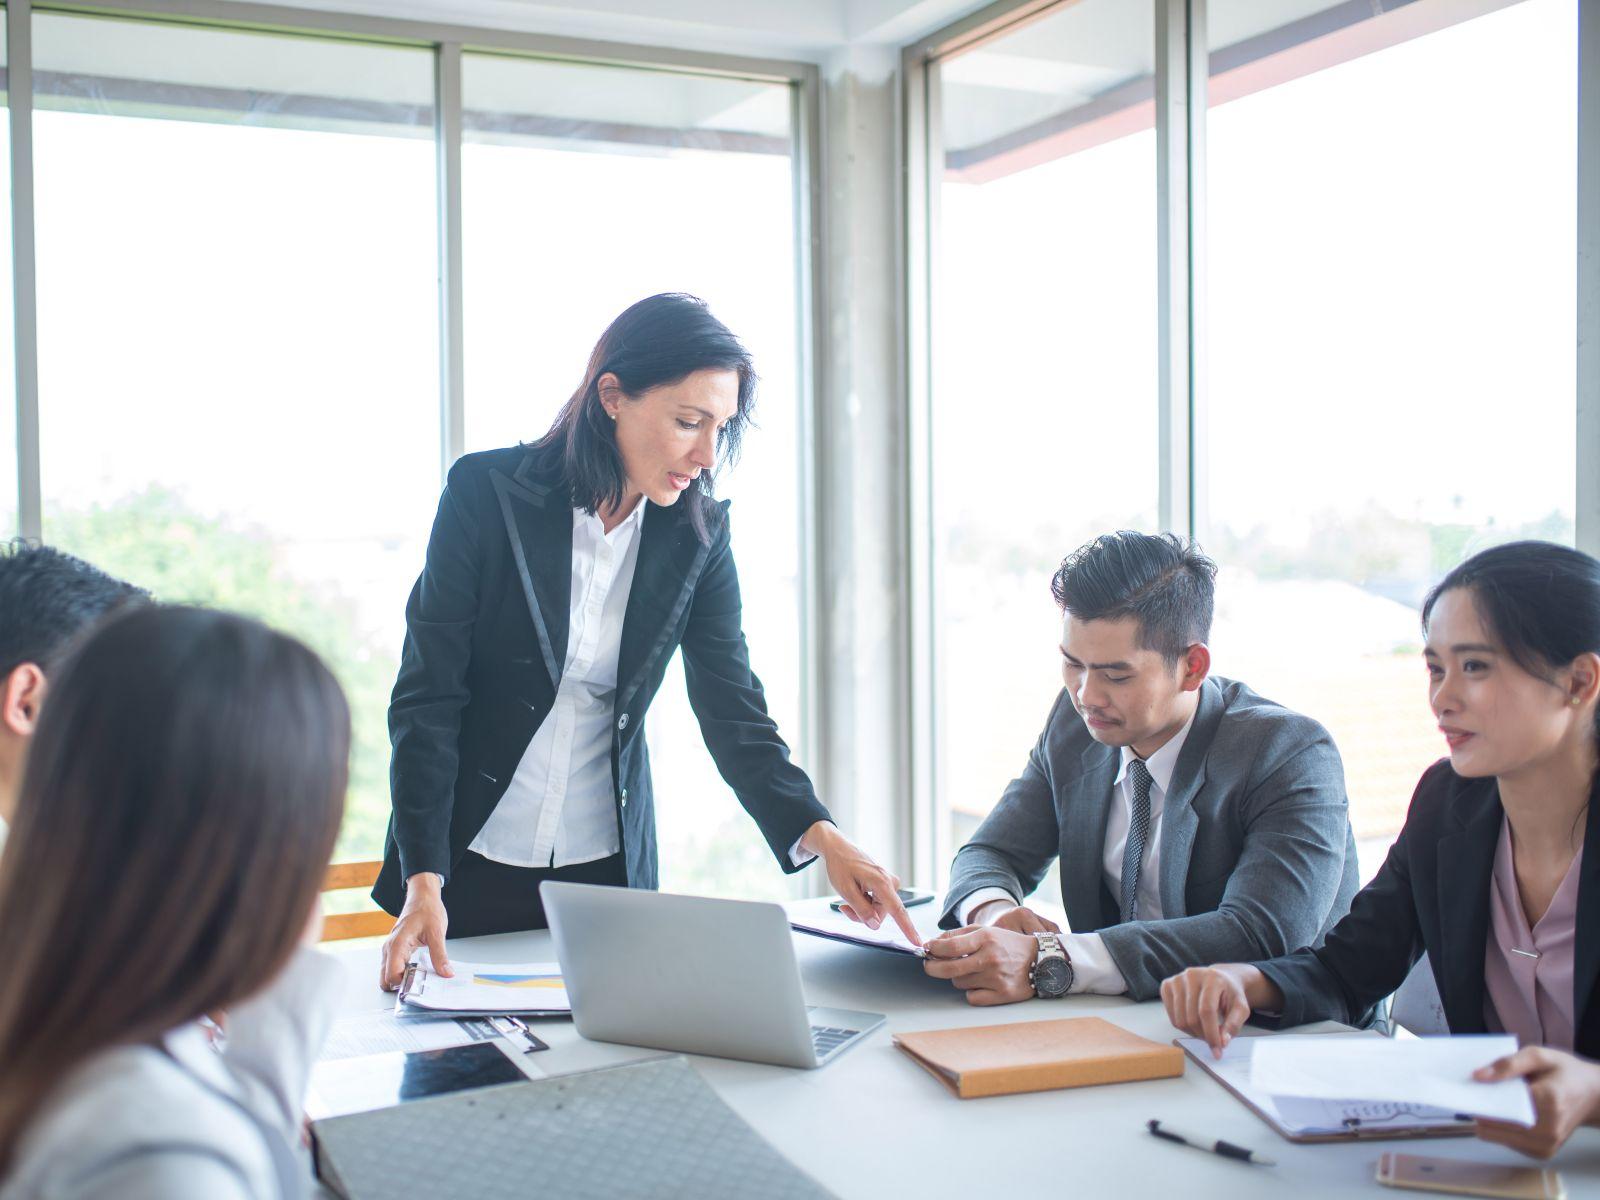 主管授權錯了,會讓下屬感到挫敗;適當的授權,才能提高團隊的效率和信心